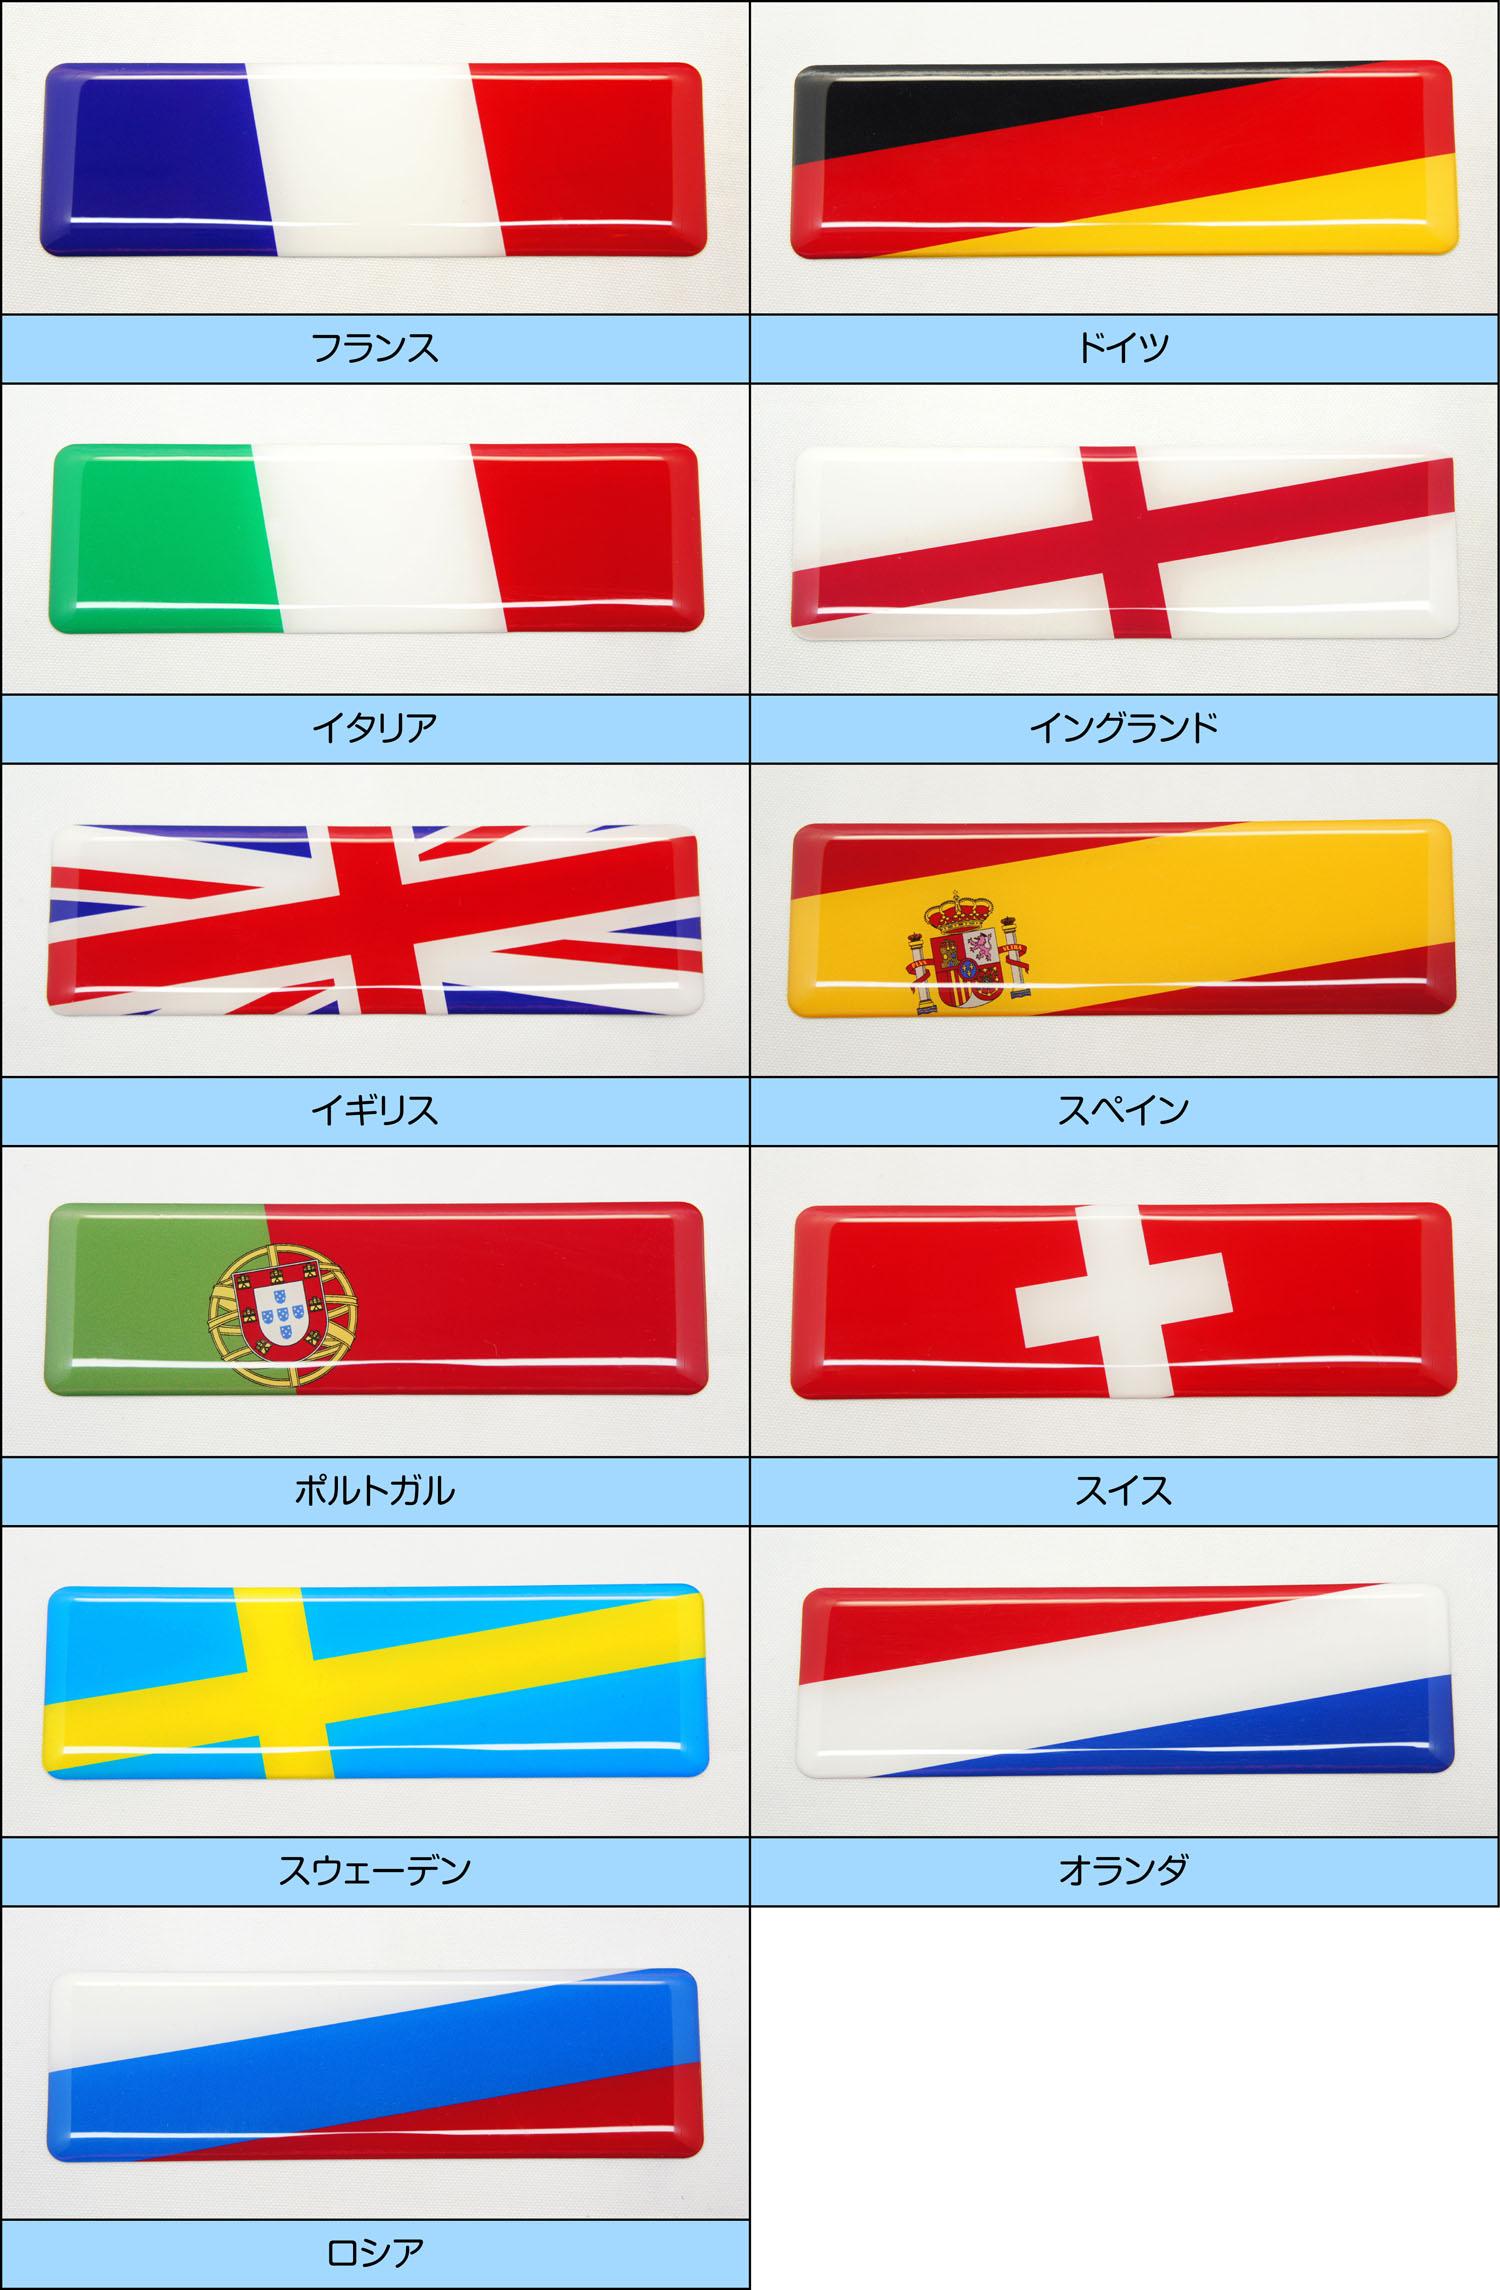 世界の国旗ヨーロッパ地区一覧